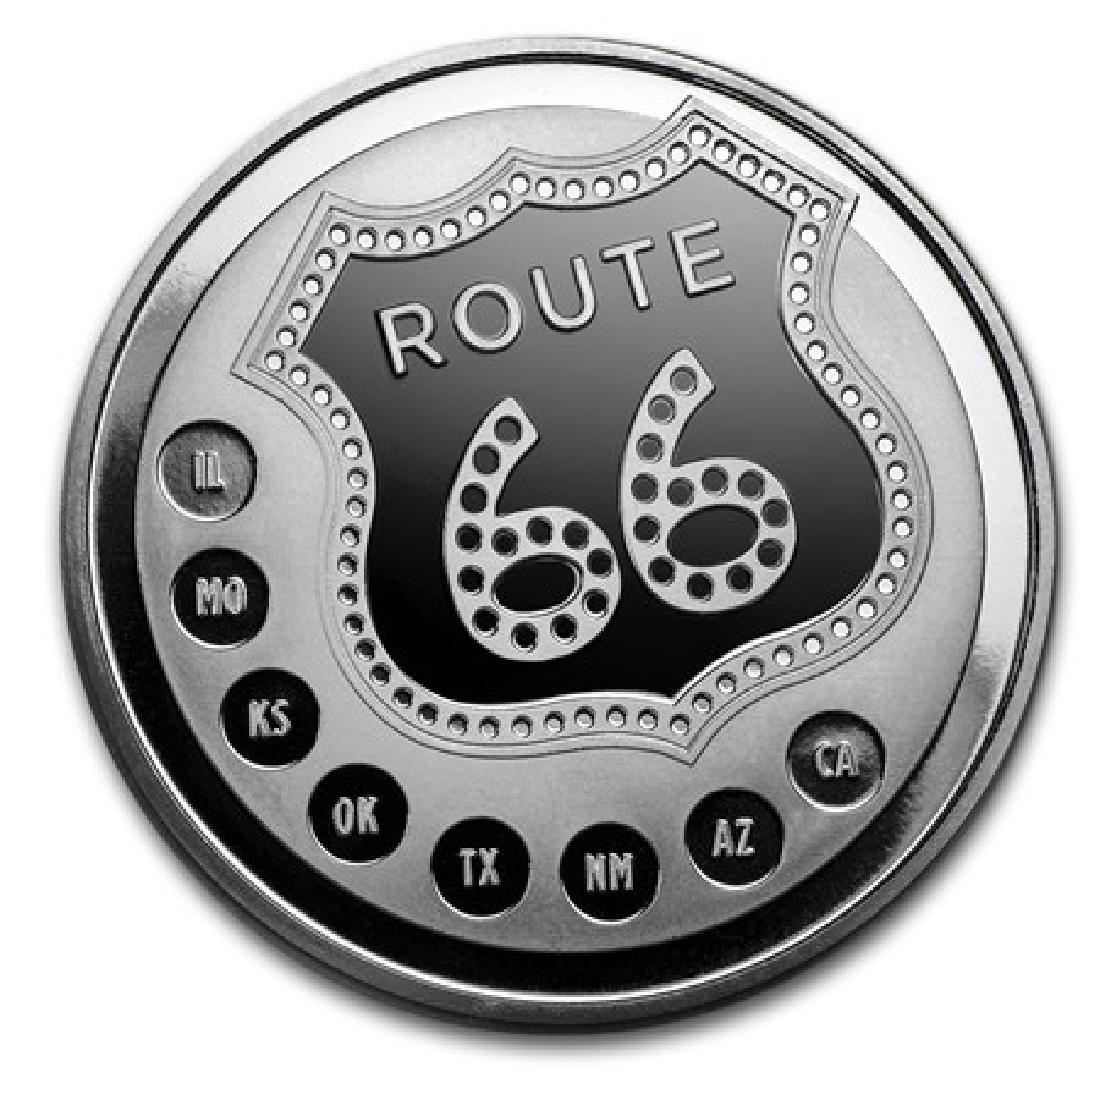 1 oz Silver Round ROUTE 66 - .999 Pure